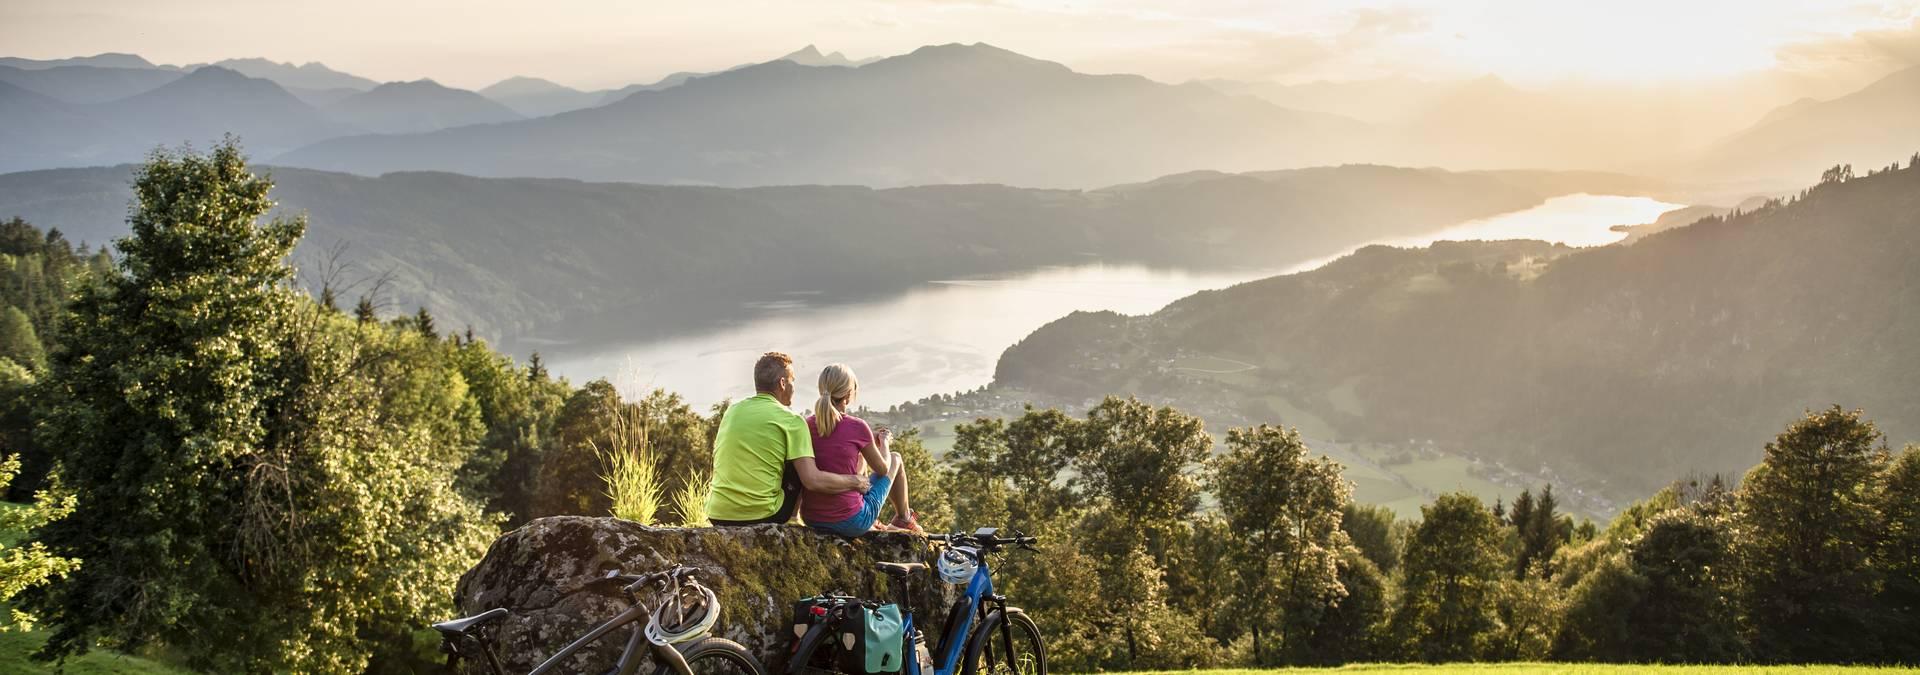 Urlaub am See Ka rnten Seen Schleife Millsta tter See UweGEISSLER KaerntenWerbung